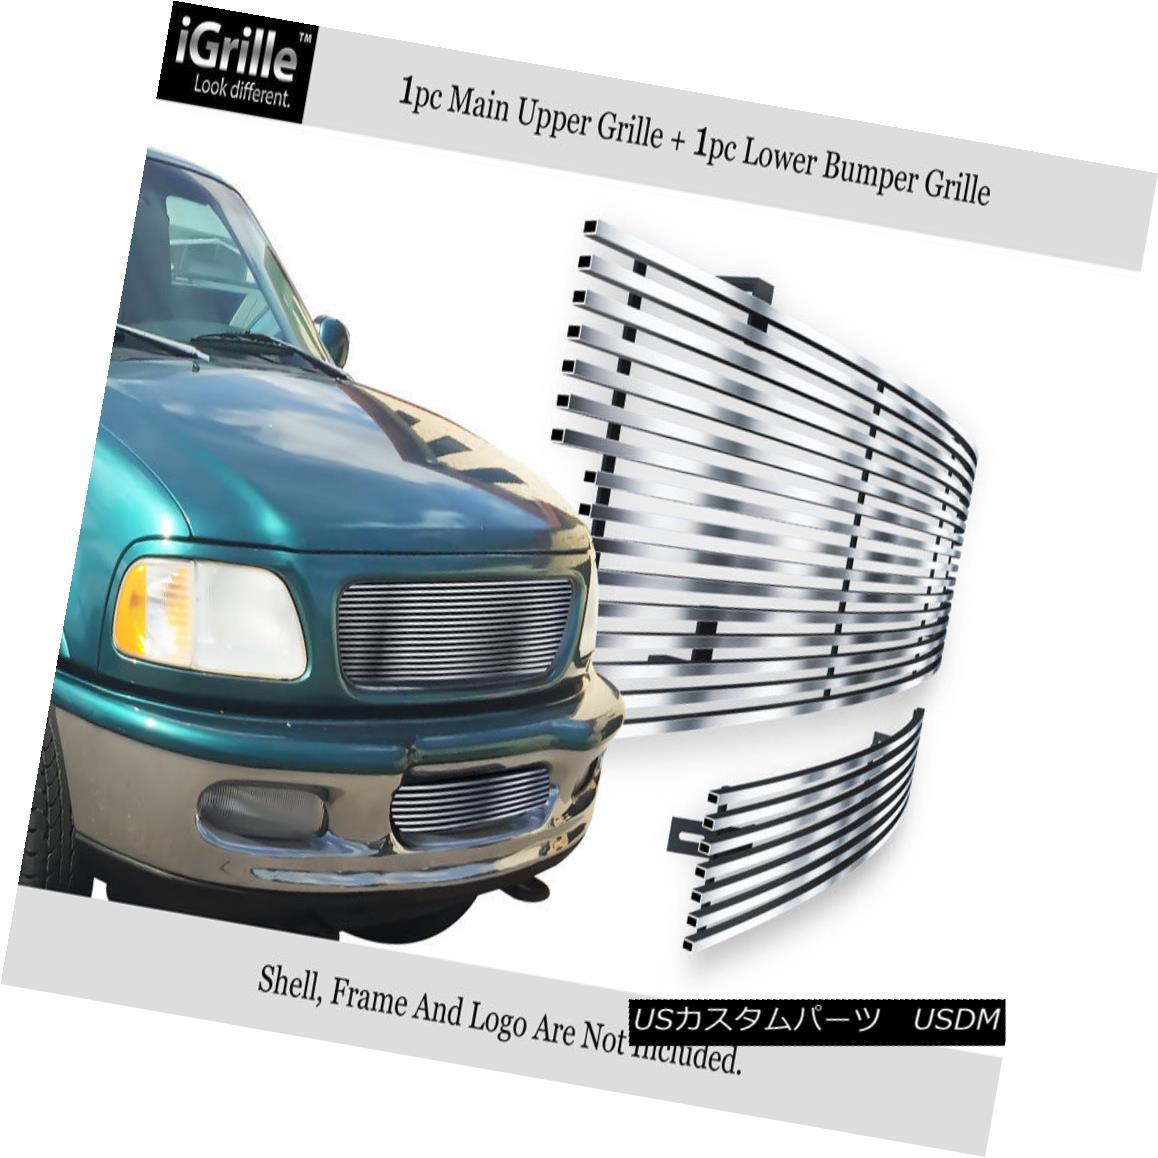 グリル For 97-98 Ford F-150 4 WD/Expedition 304 Stainless Steel Billet Grille Combo 97-98フォードF-150 4WD /遠征304ステンレス鋼ビレットグリルコンボ用